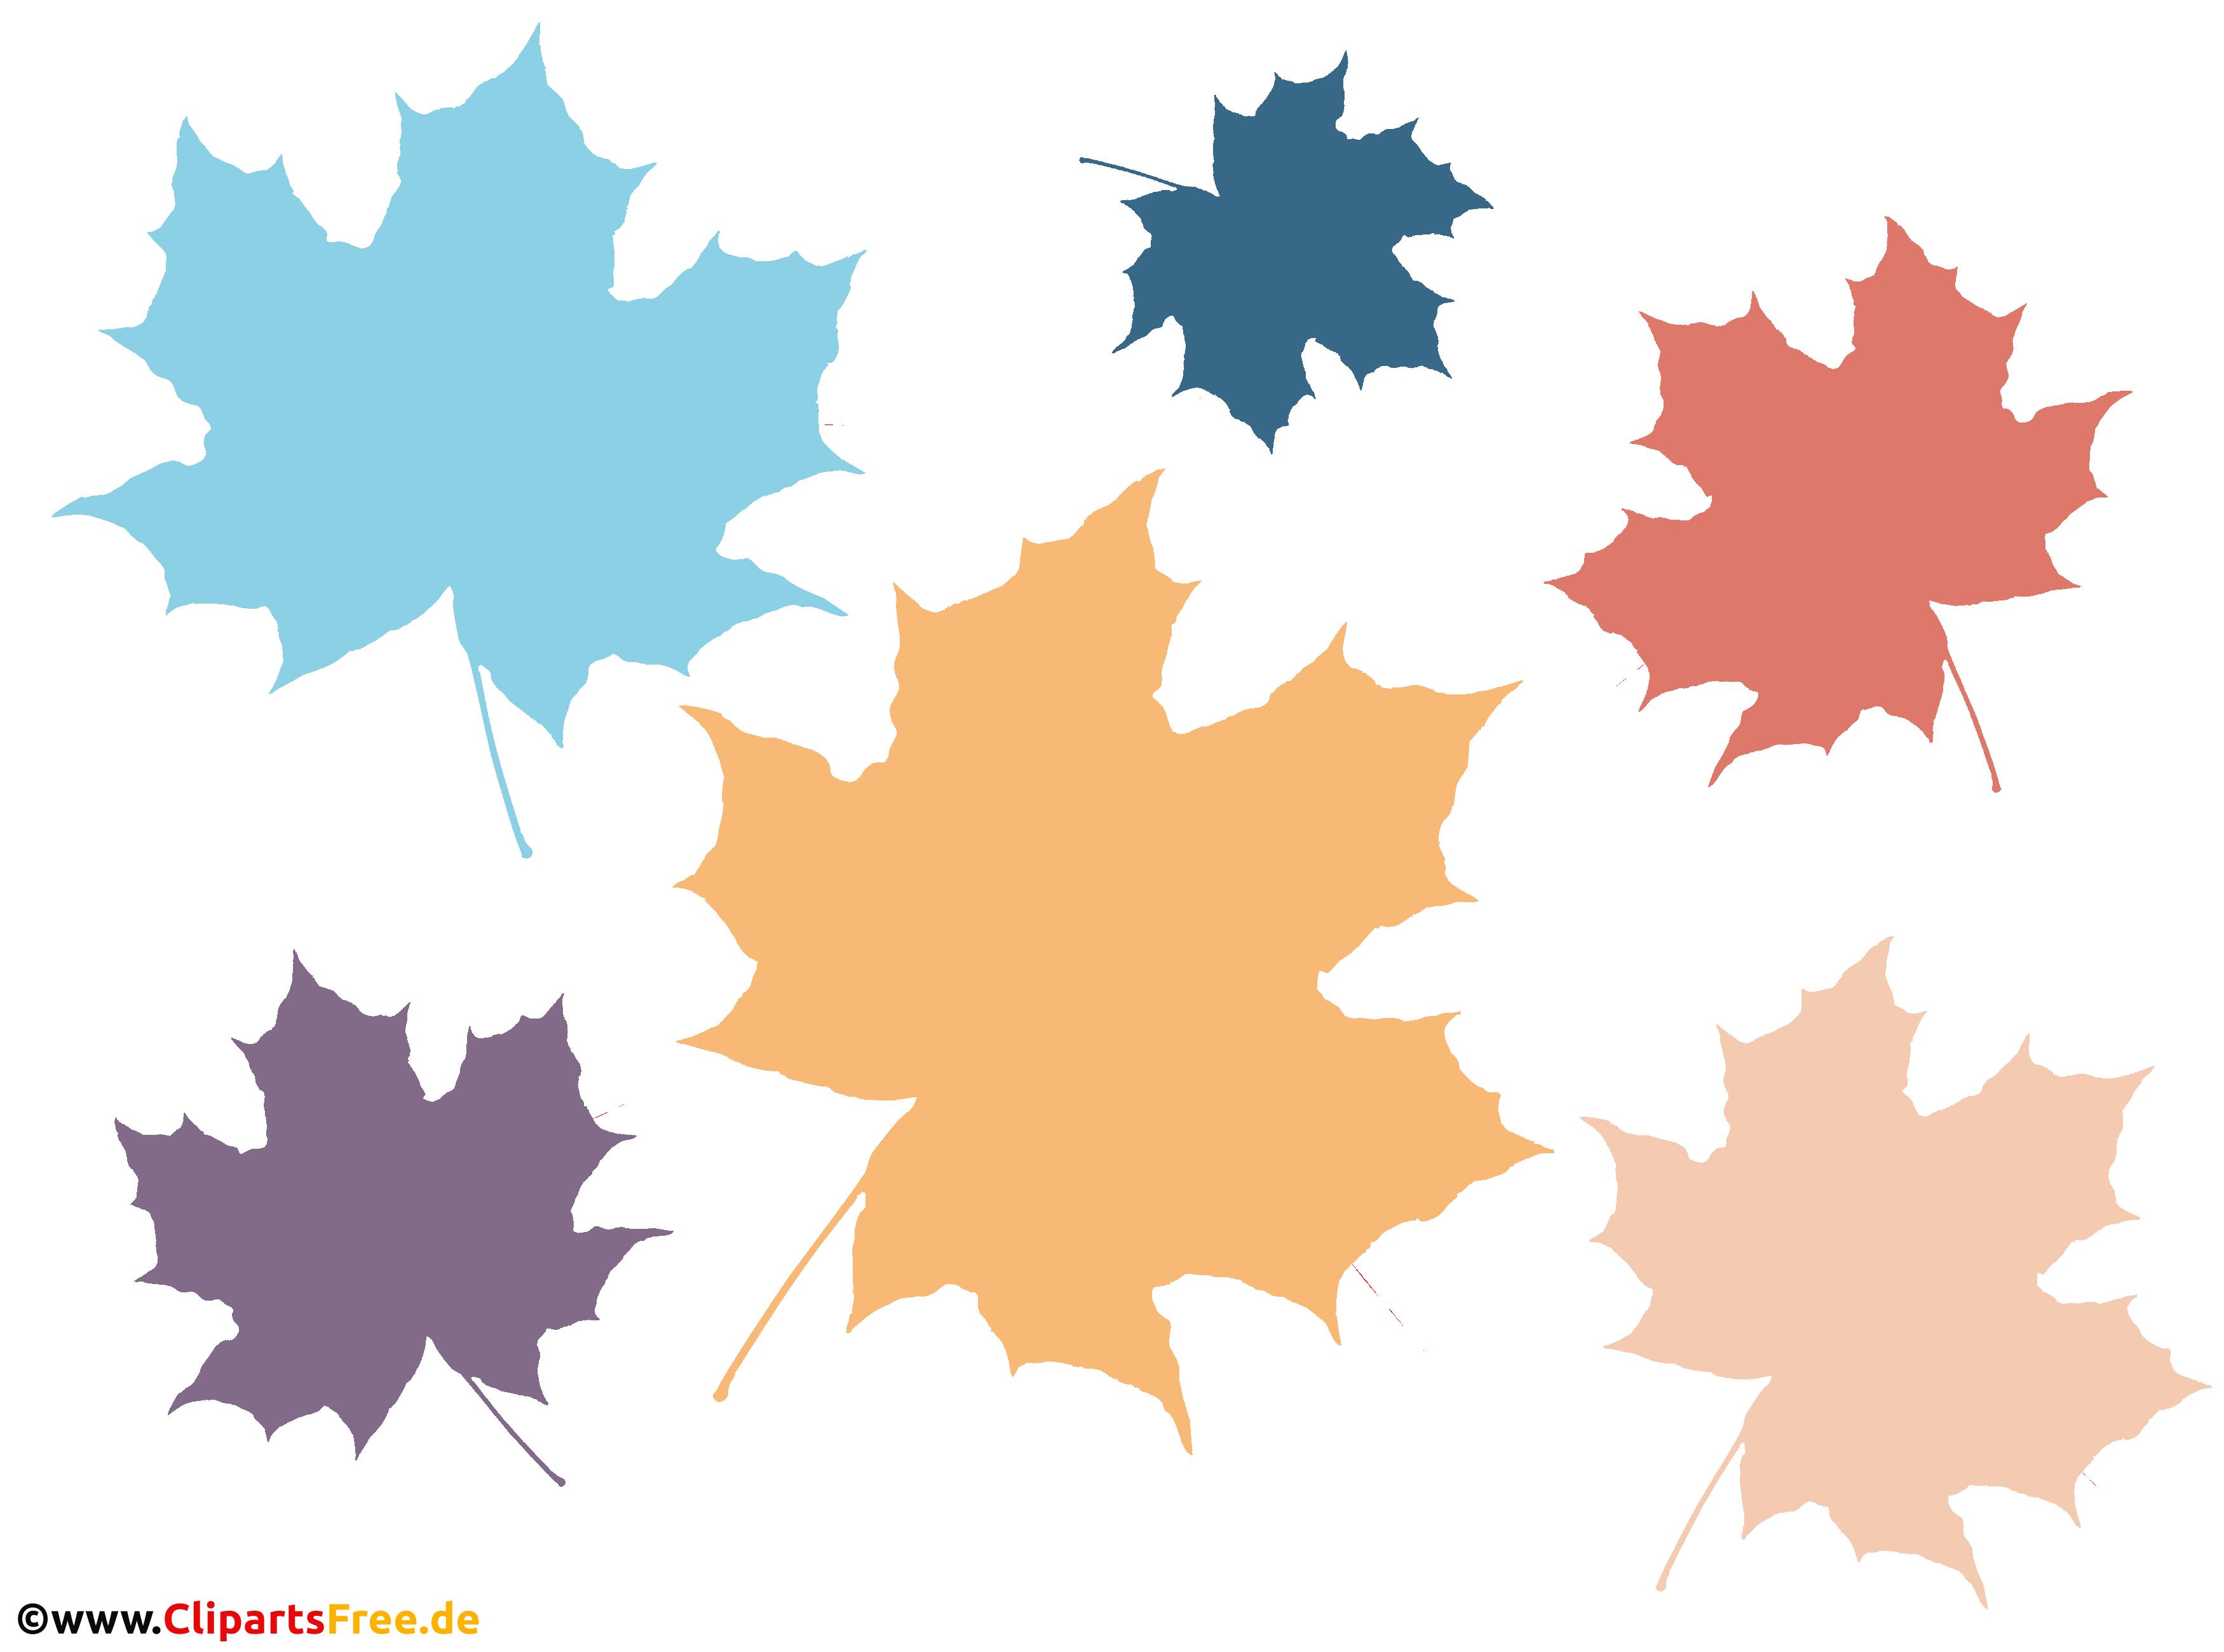 Laub, Ahornblätter in unterschiedlichen Farben PNG Clipart